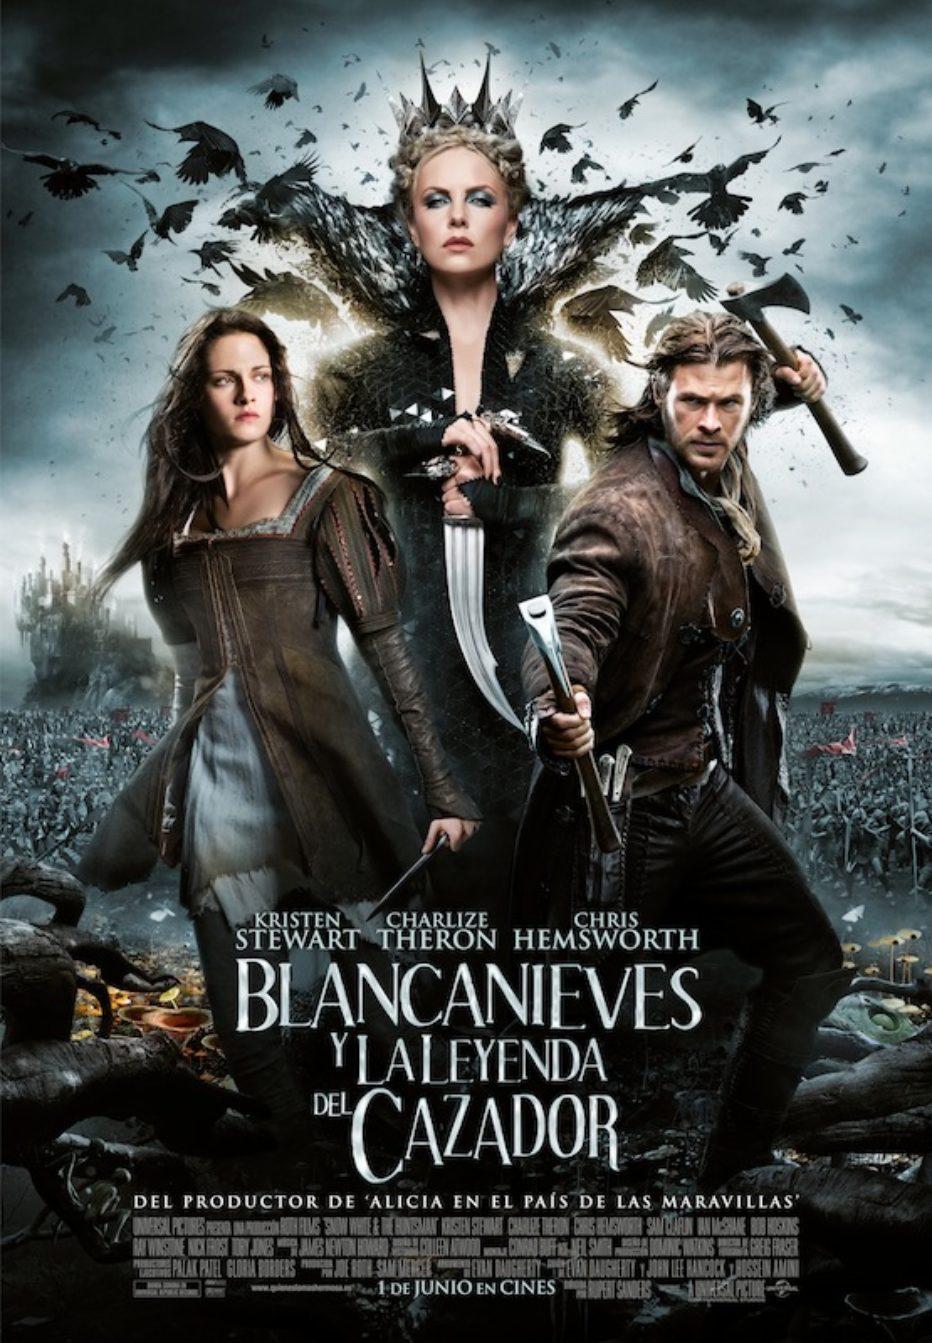 Blancanieves y la leyenda del cazador: Blancanieves del demonio